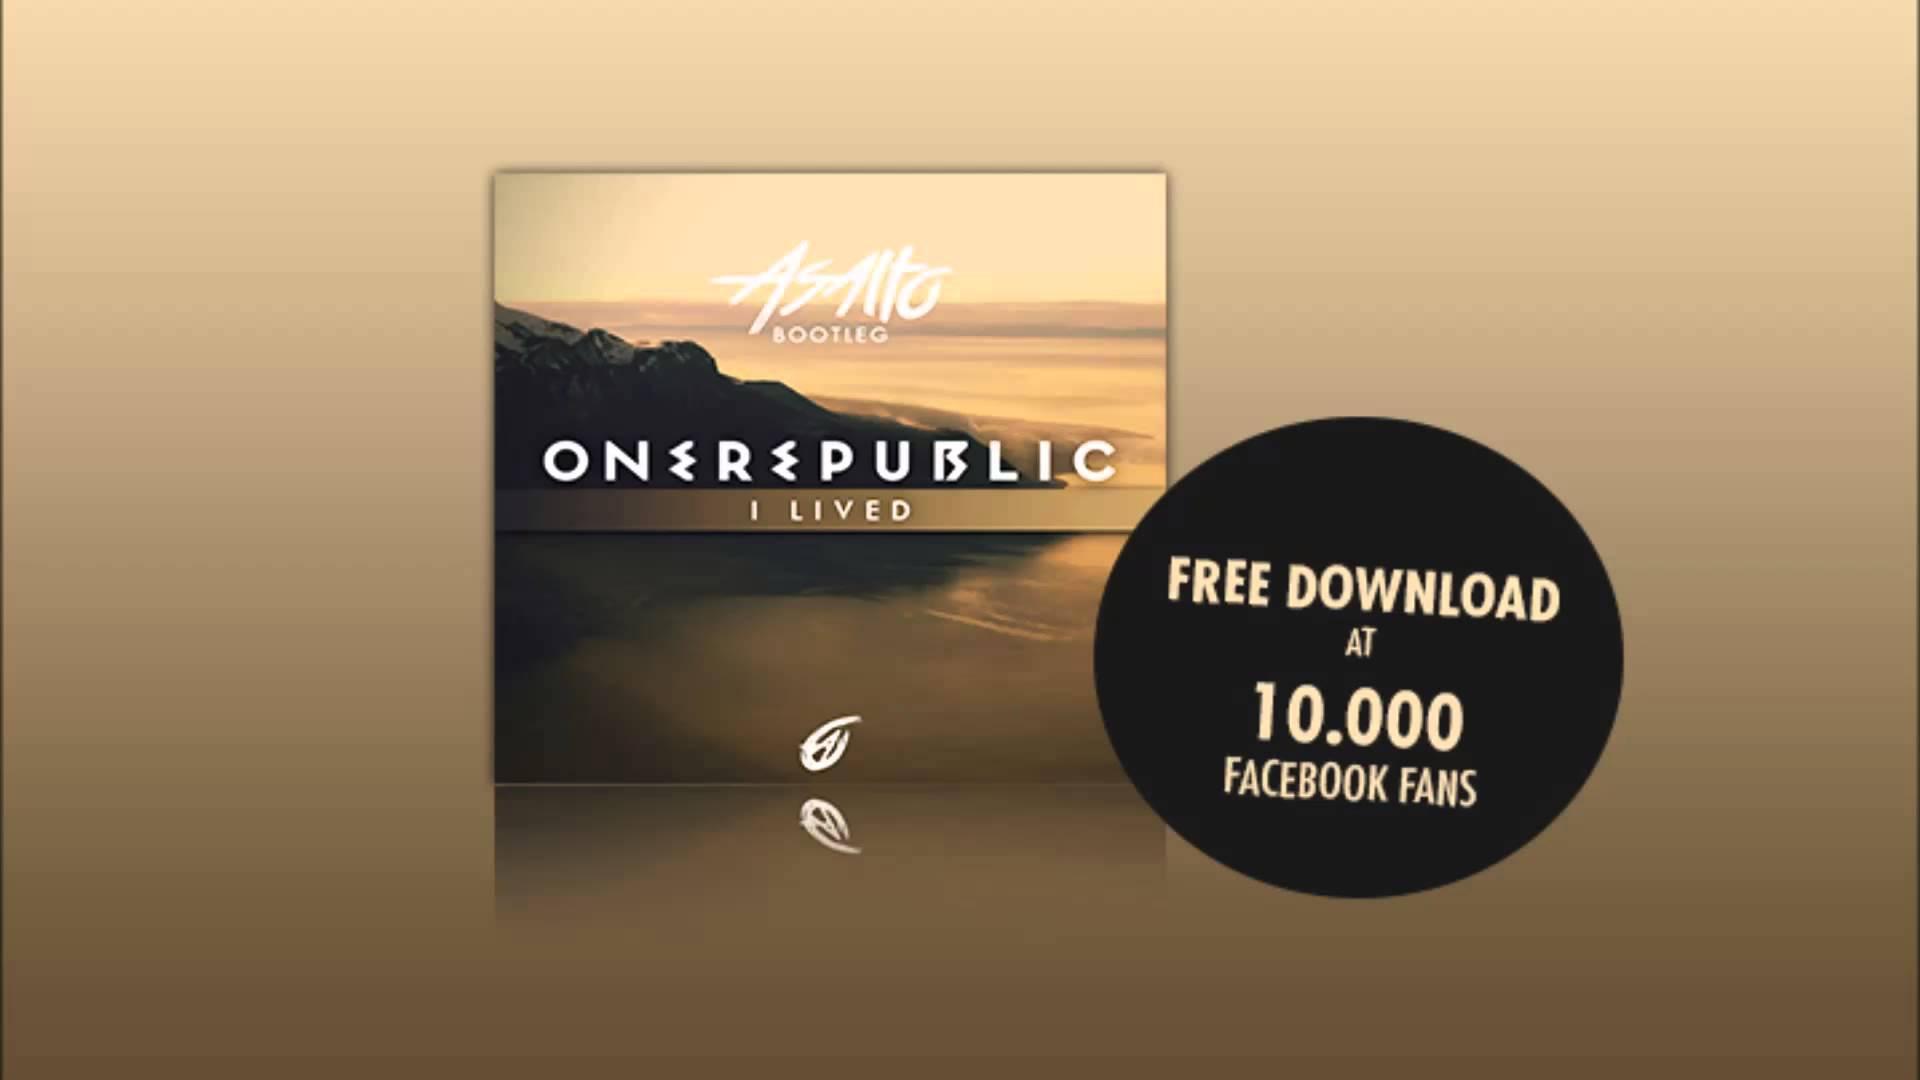 OneRepublic – I Lived (Asalto Bootleg)